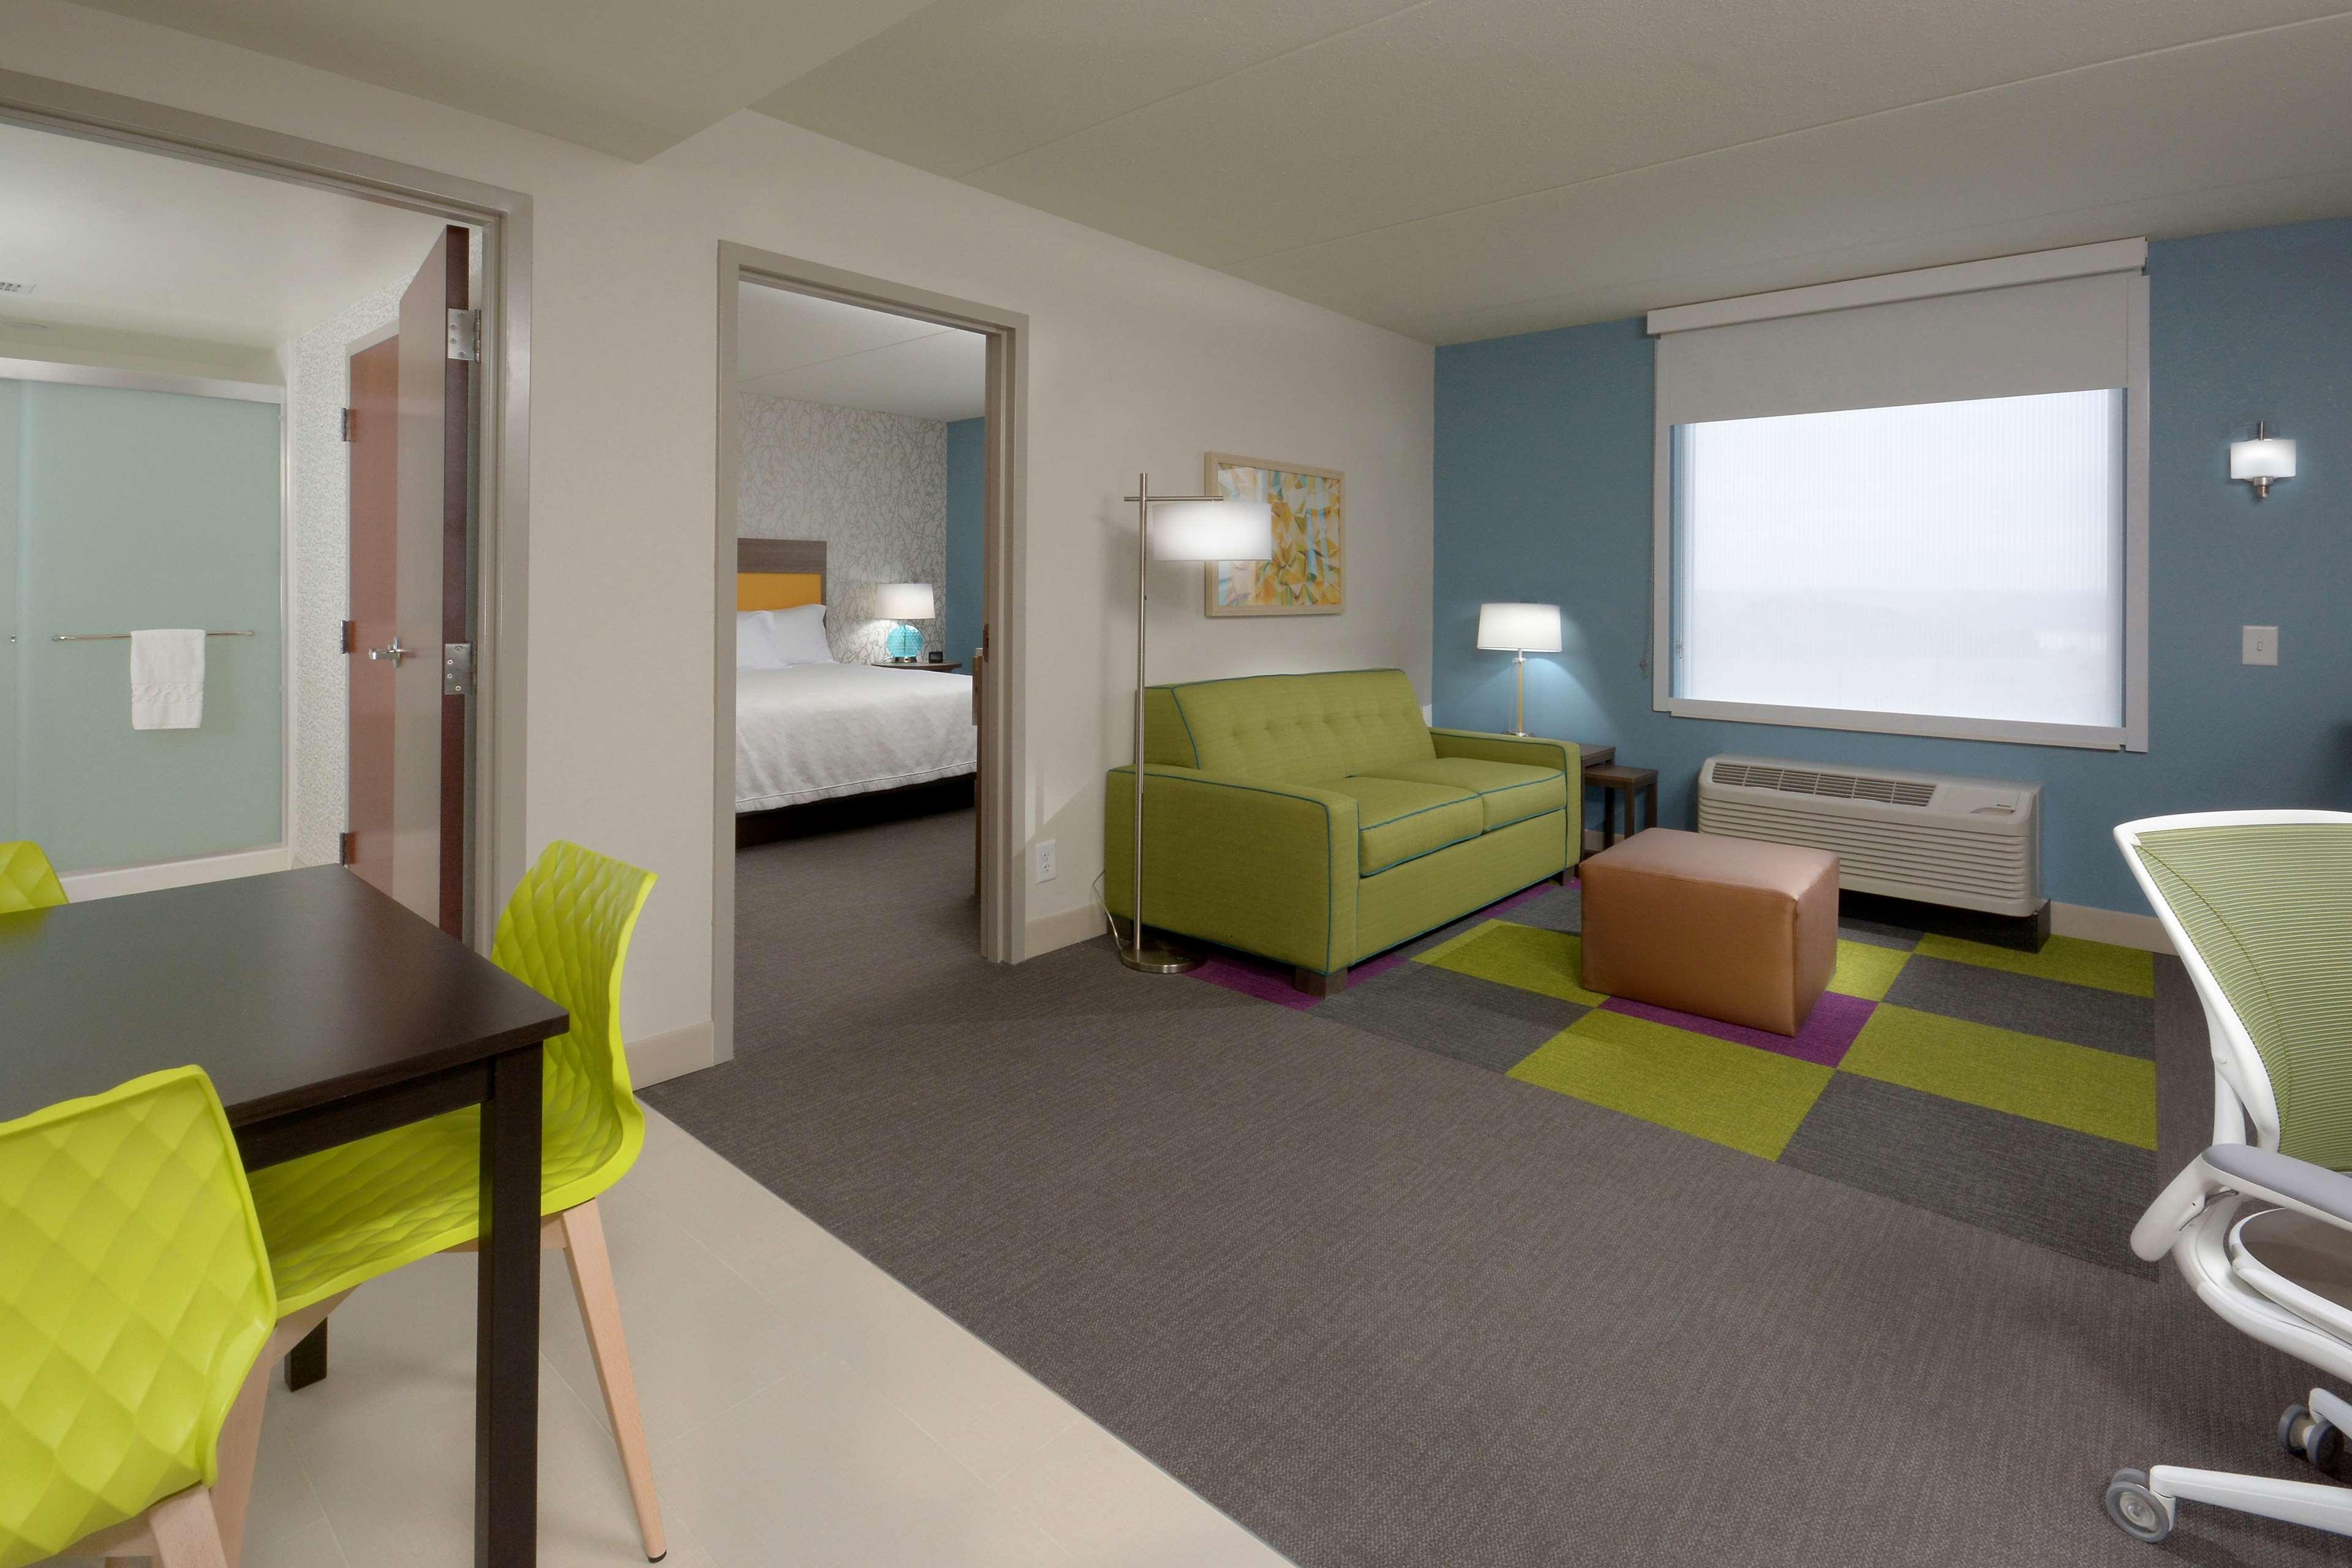 Home2 Suites by Hilton Duncan image 30